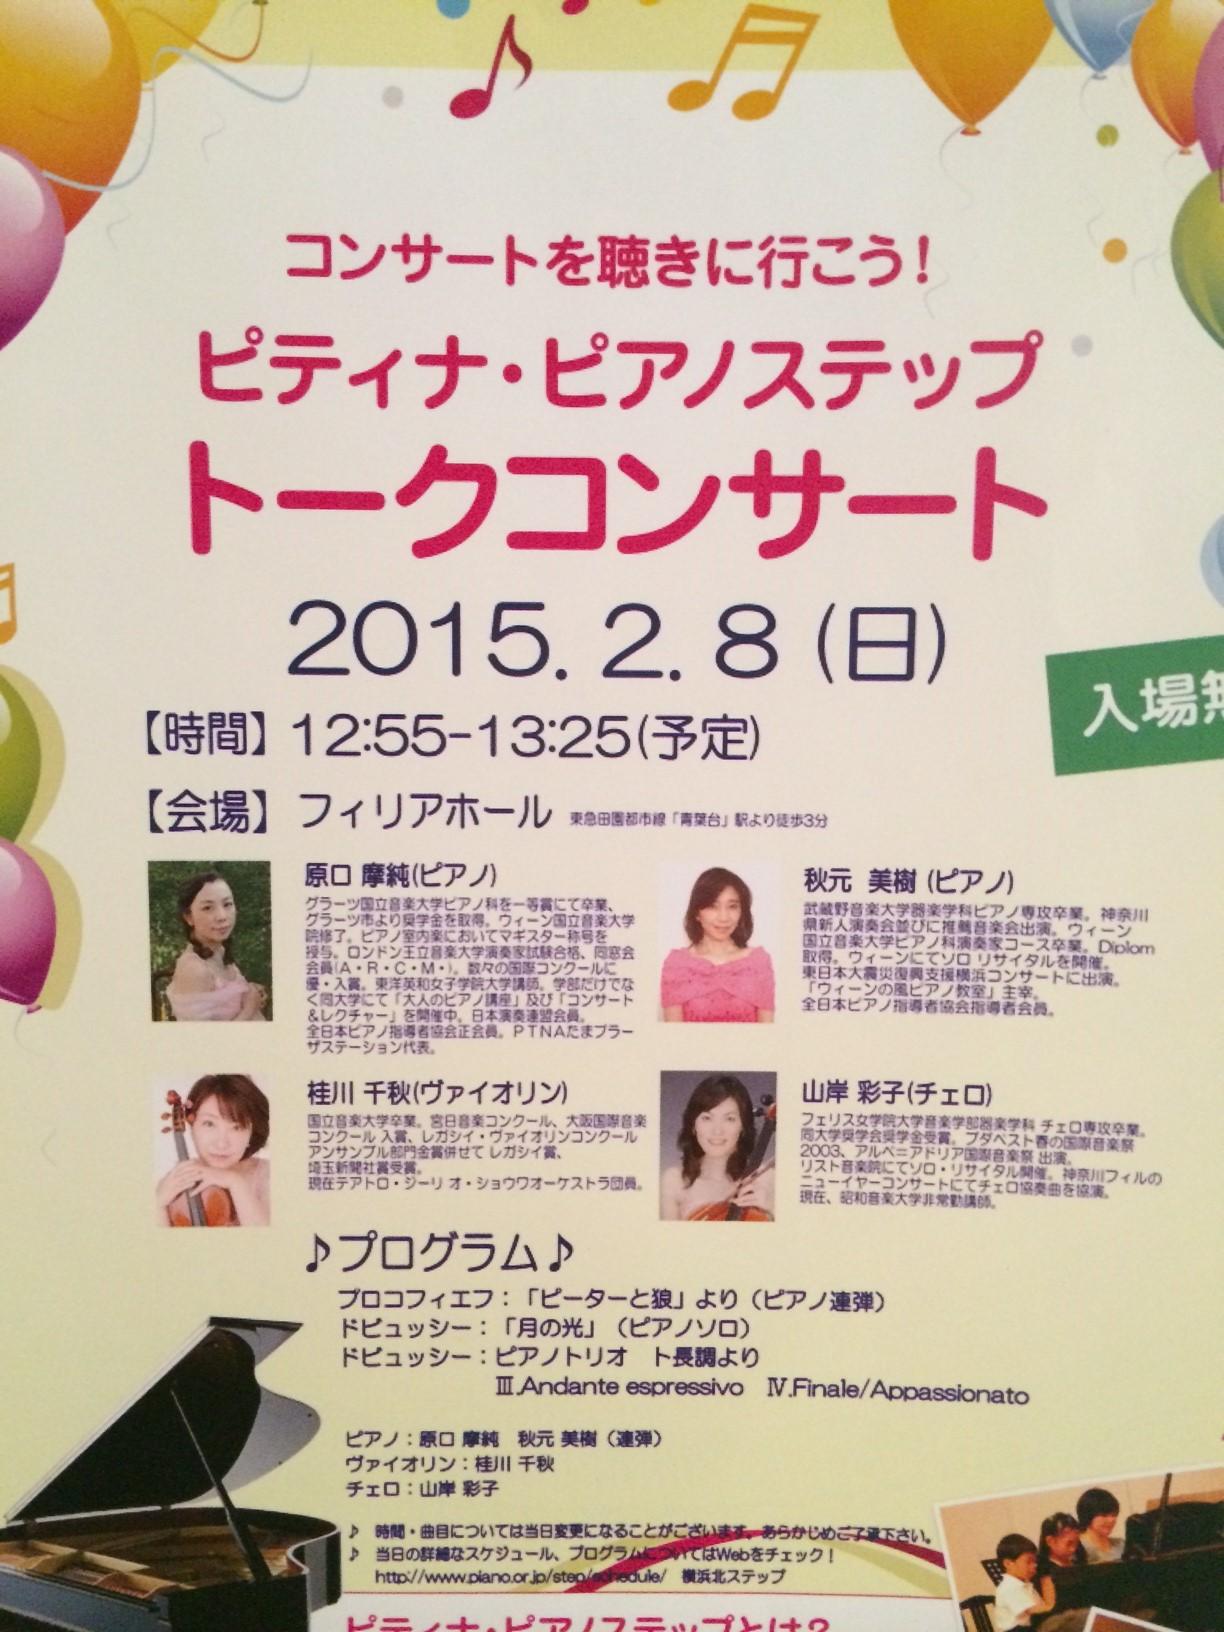 ピティナピアノステップ トークコンサート 2015/2/8